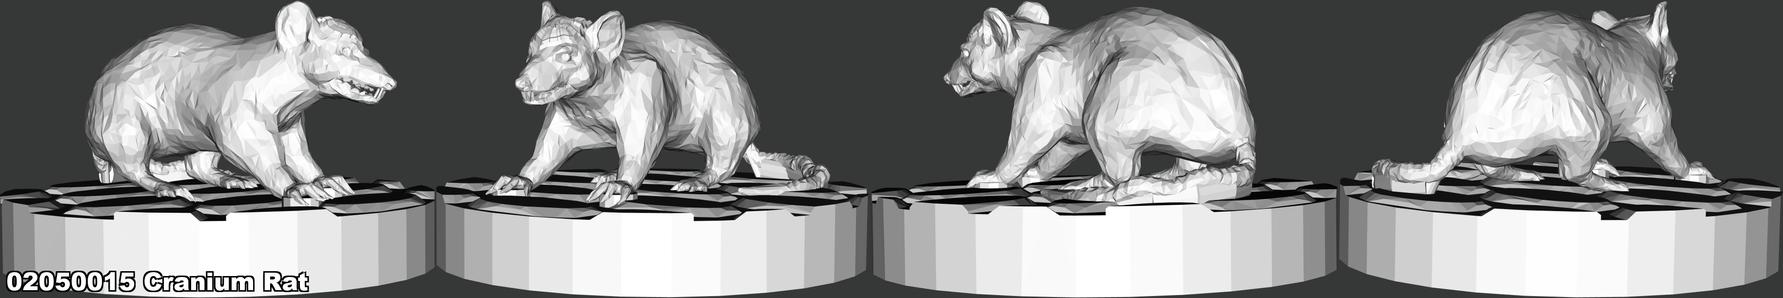 02050015 Cranium Rat.png